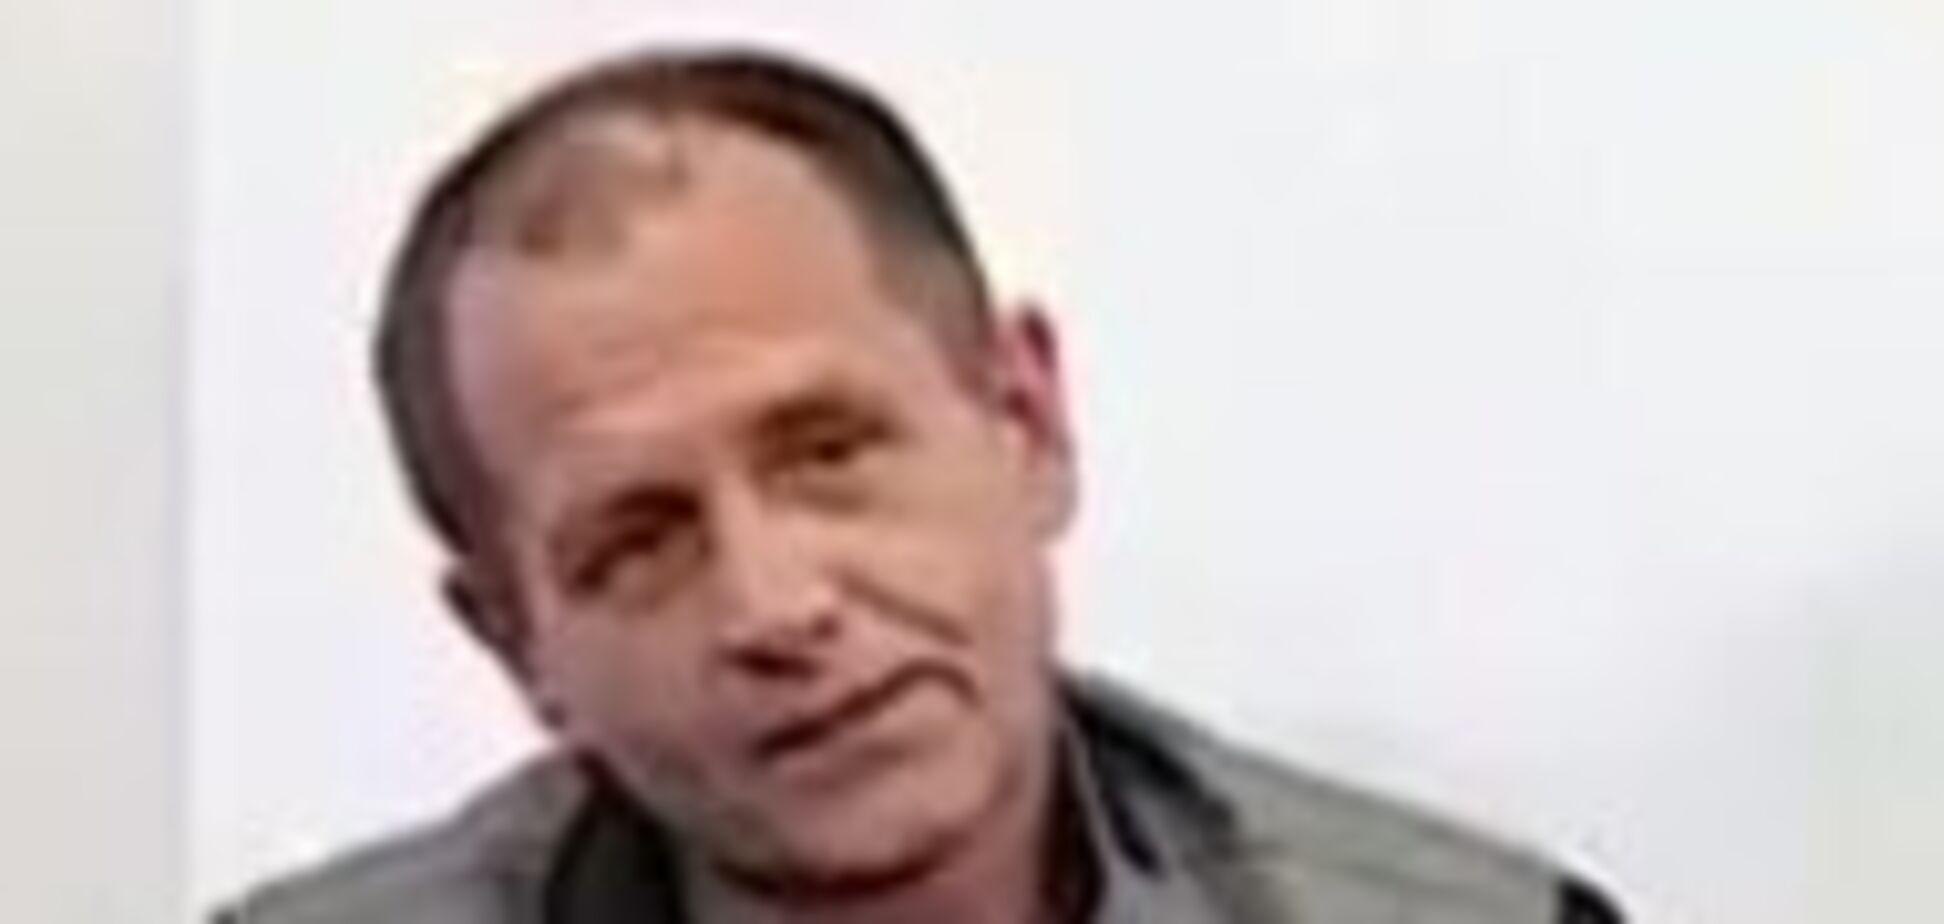 'Били по ногам, растягивали тело': Балух рассказал о жутких пытках в России